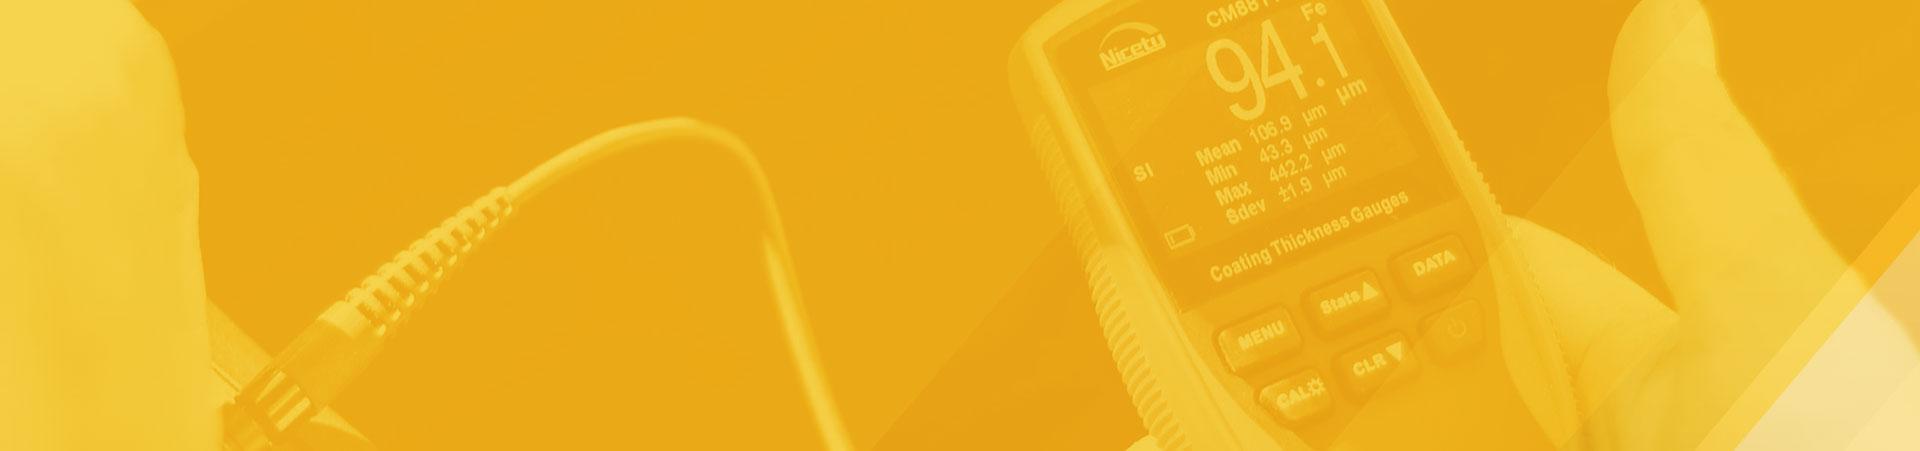 sluzby3.jpg